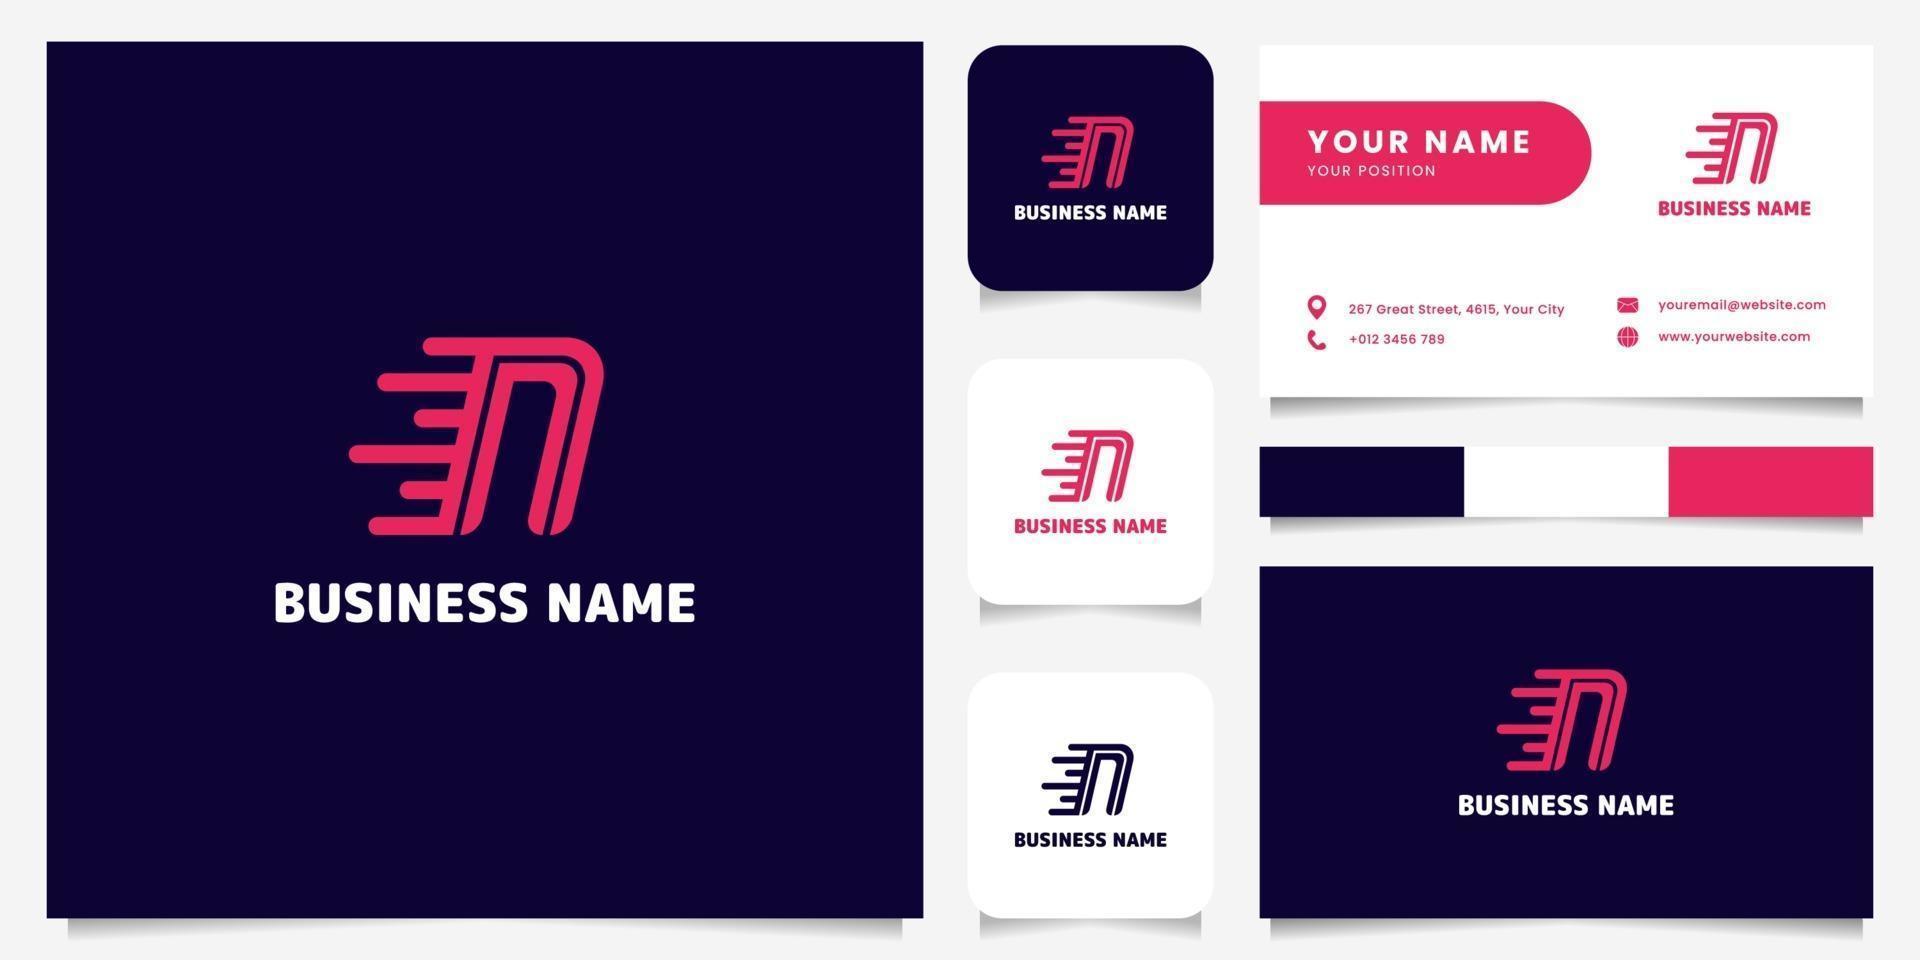 eenvoudig en minimalistisch felroze letter n snelheid logo in donkere achtergrond logo met sjabloon voor visitekaartjes vector